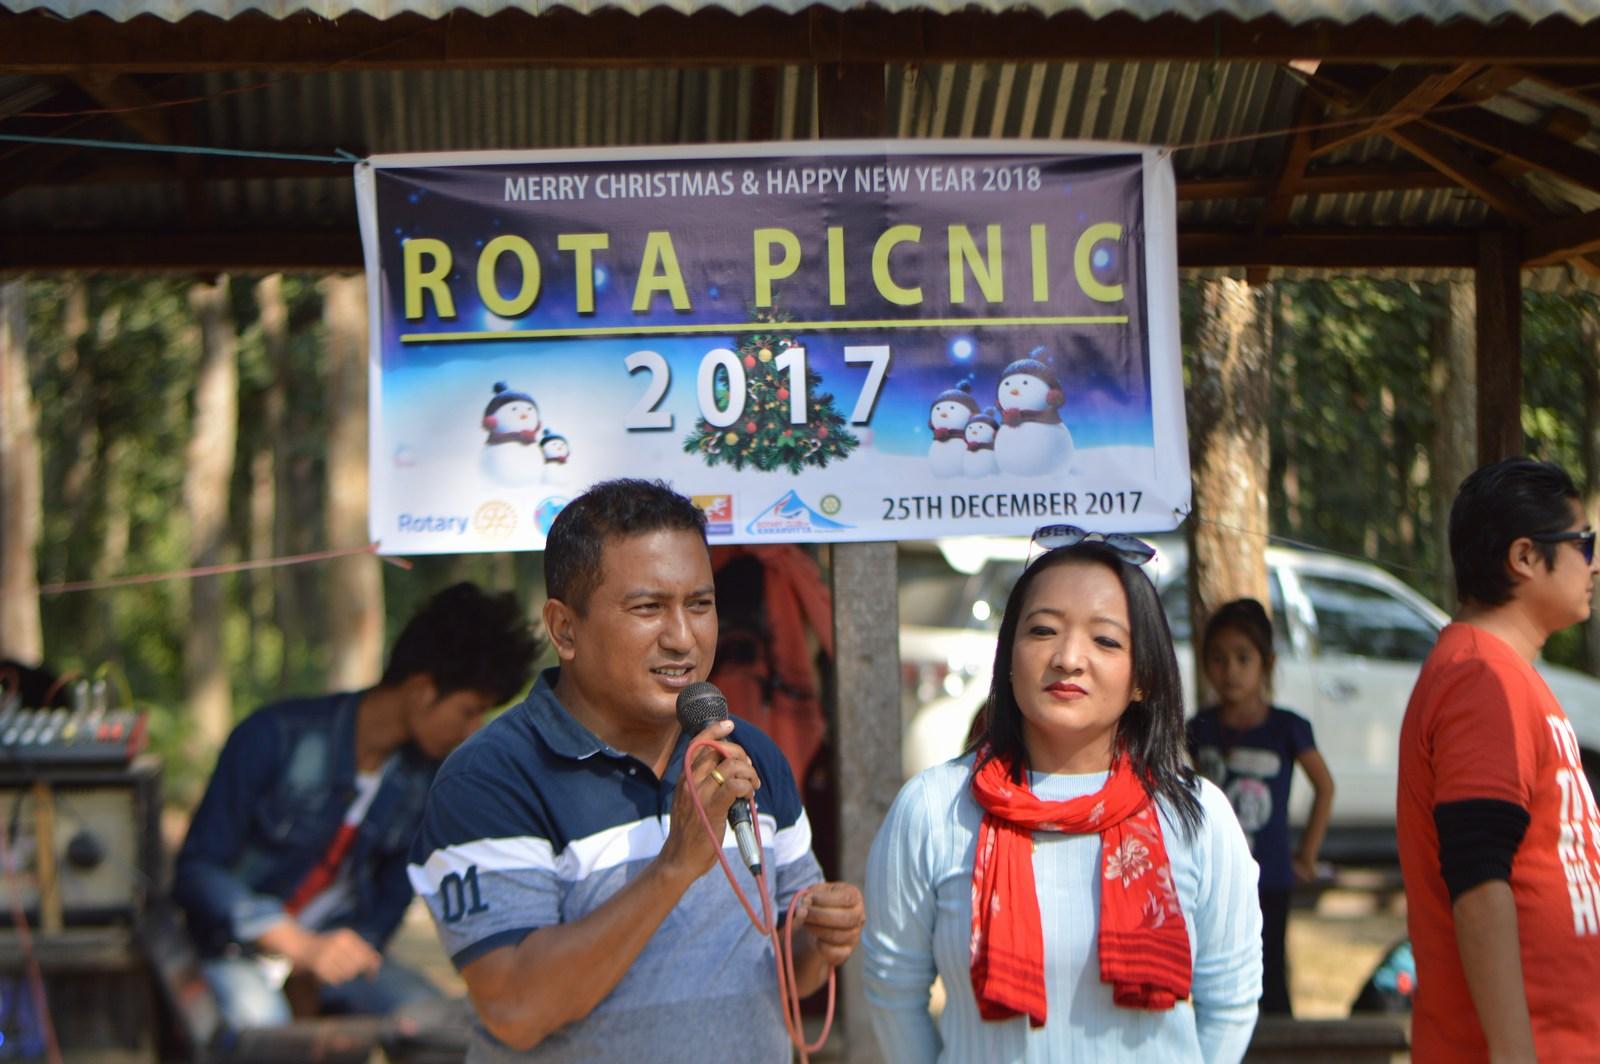 Rota-Picnic-2017-Rotary-Club-of-Kakarvitta-57